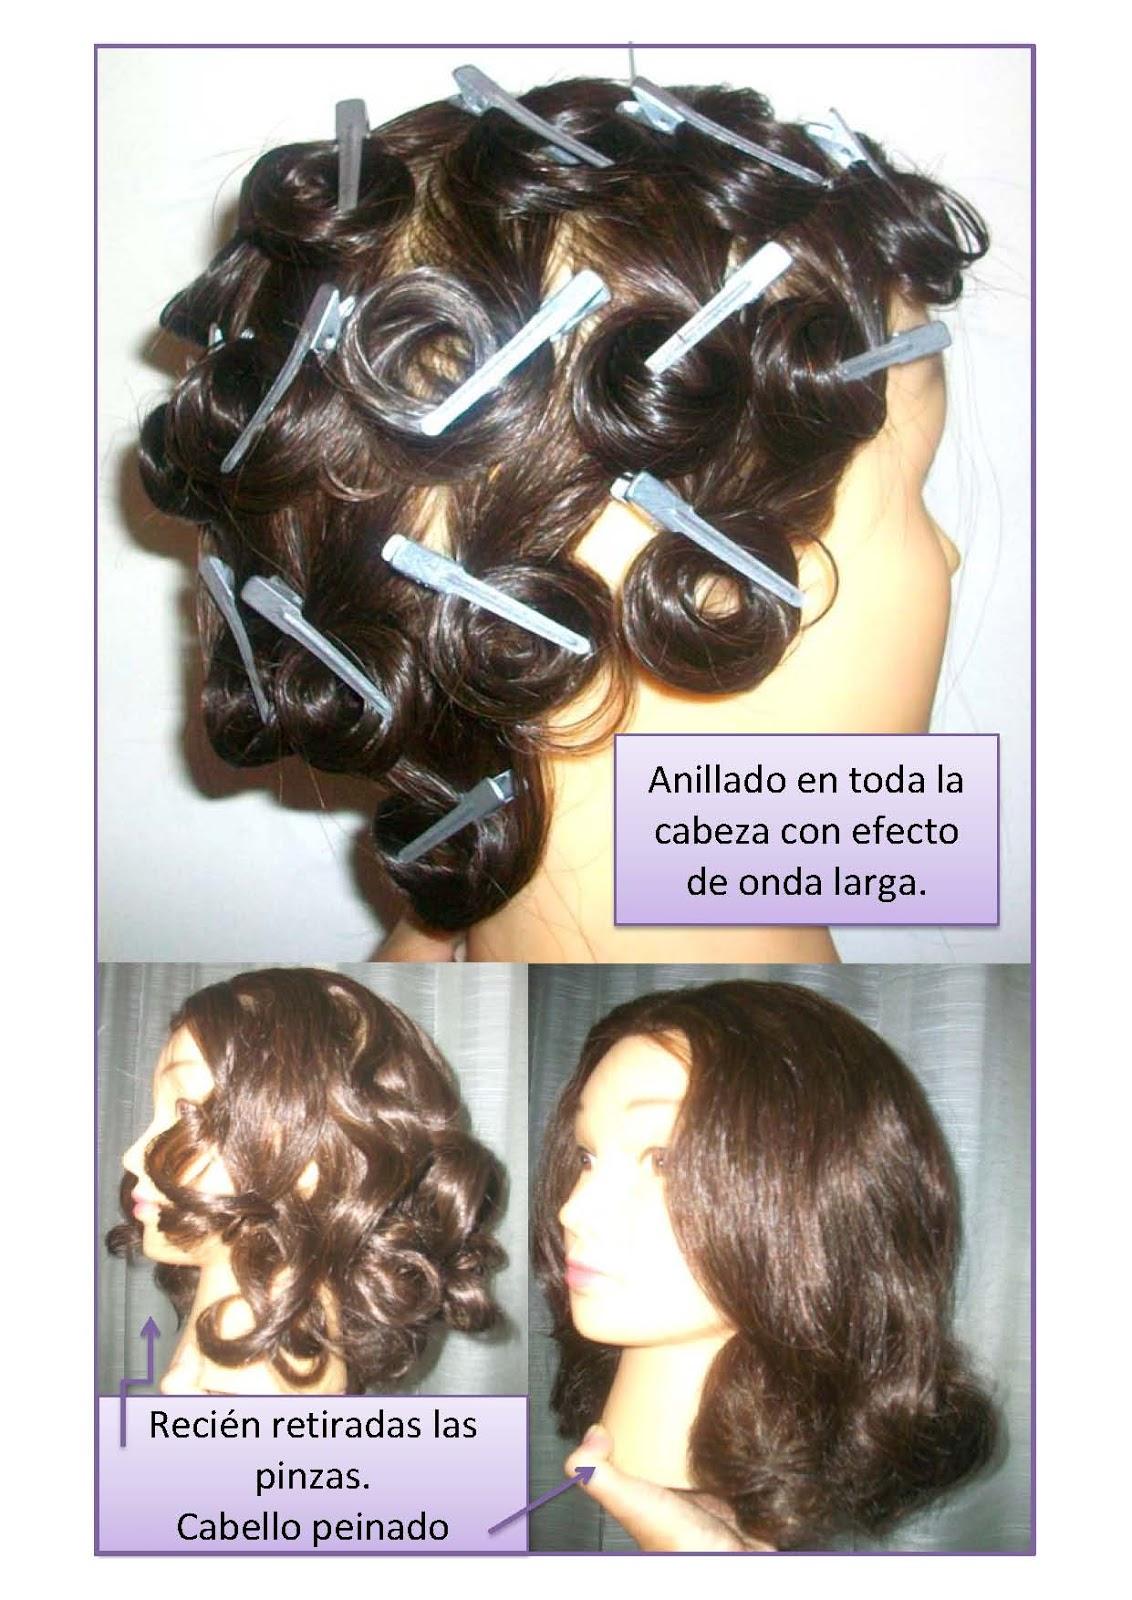 Las vitaminas para los cabellos de posedeniya el cabello